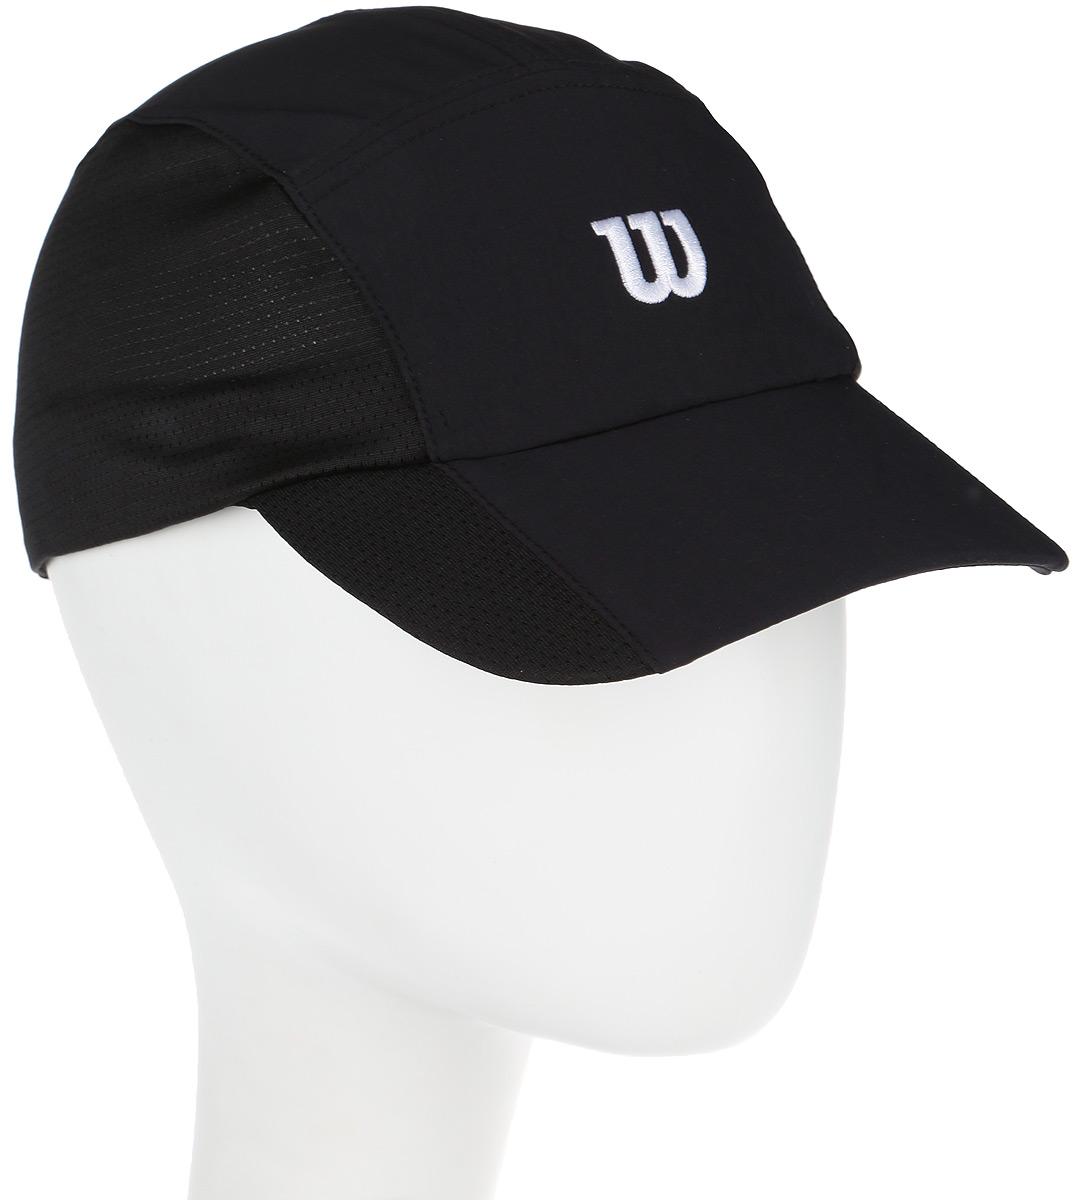 Бейсболка для тенниса Wilson Rush Stretch Woven Cap, цвет: черный. WR5004700. Размер универсальныйWR5004700Бейсболка Wilson является отличным аксессуаром для занятий спортом. Удобная и практичная, она обеспечит вам надежную защиту от неблагоприятных погодных условий. Вентиляционные отверстия и эластичный край для комфортной посадки.